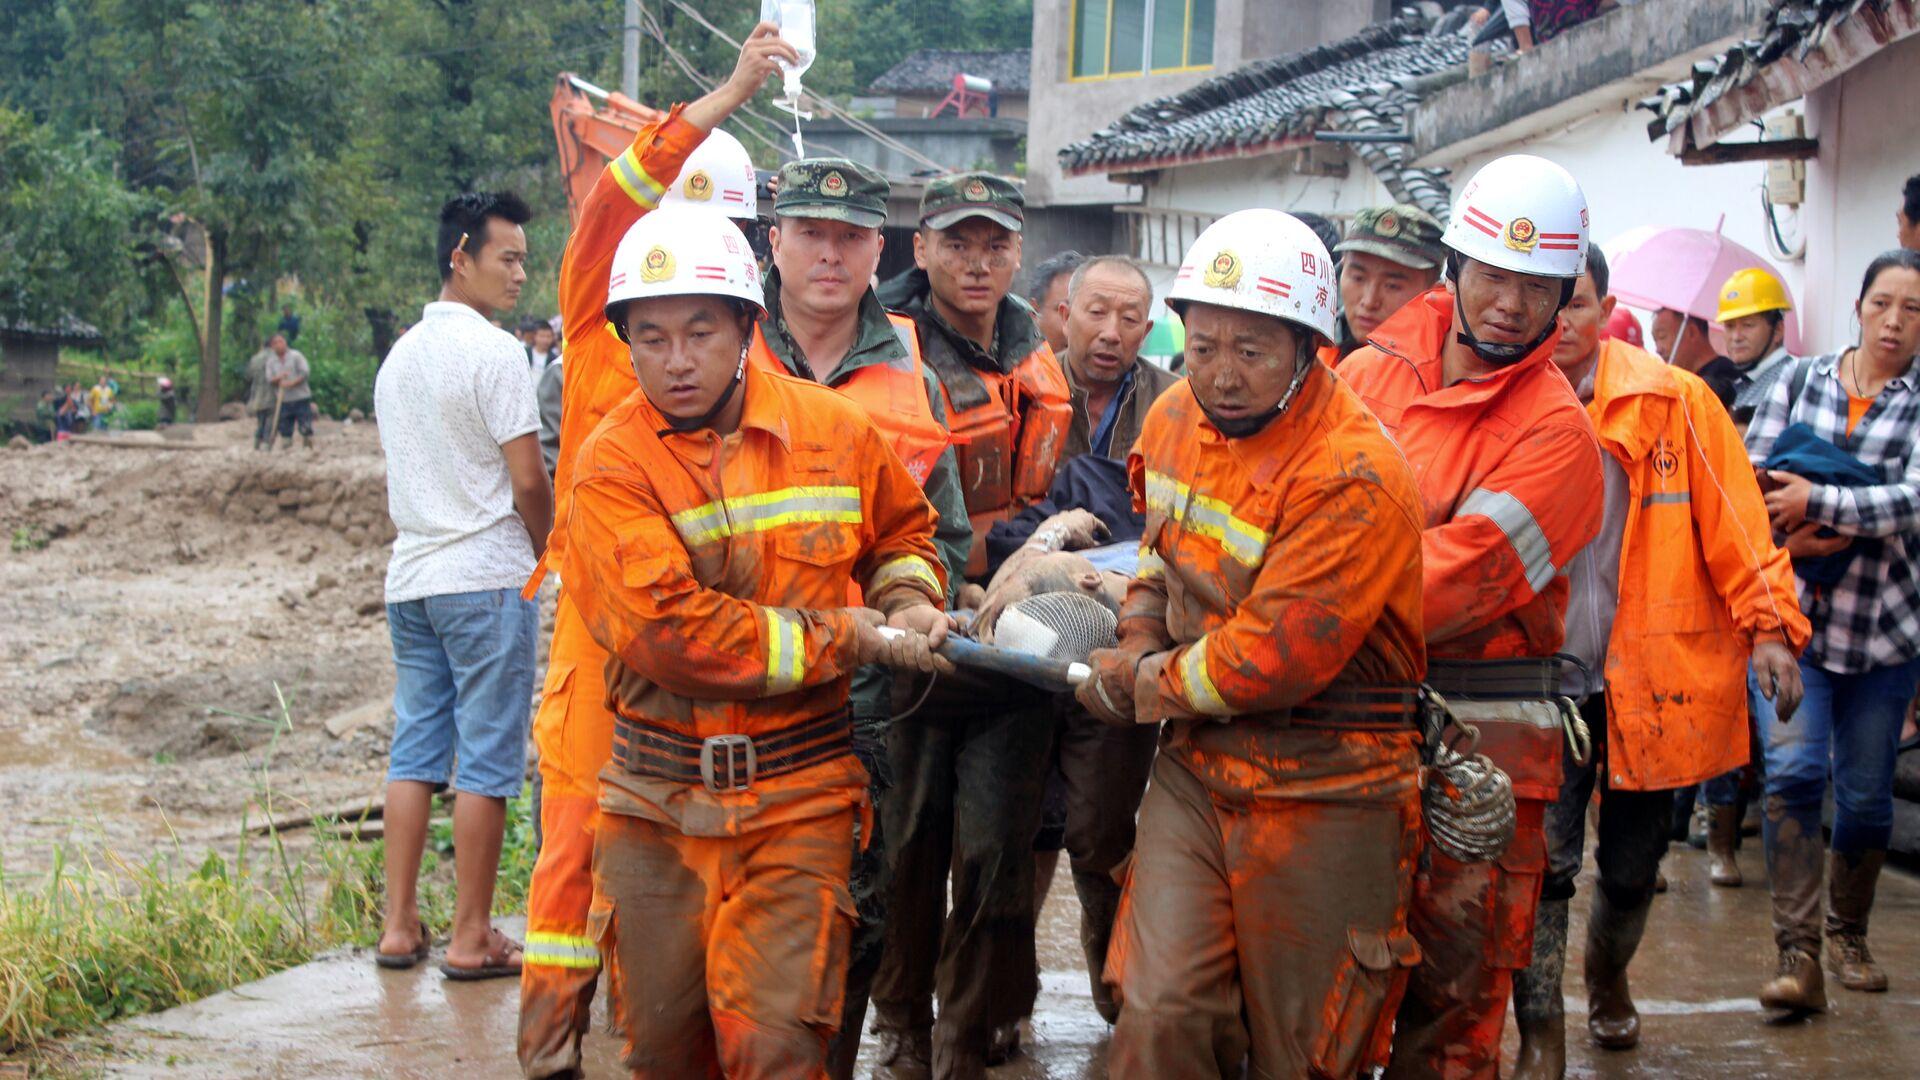 Cina, terremoto di 6.5 gradi colpisce provincia di Sichuan - Sputnik Italia, 1920, 22.05.2021